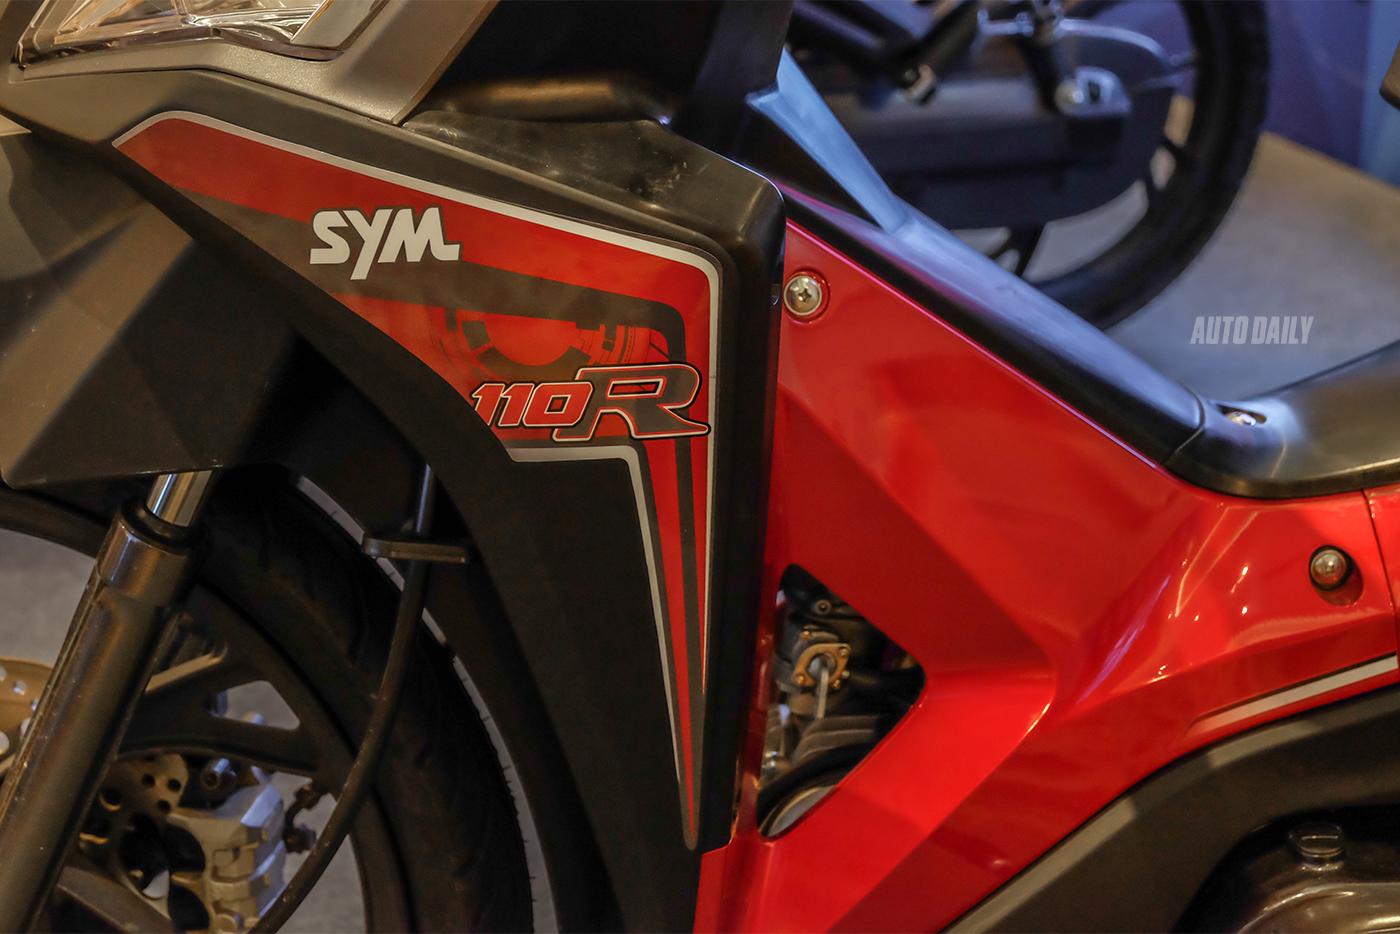 sym-angel-110r-12.jpg